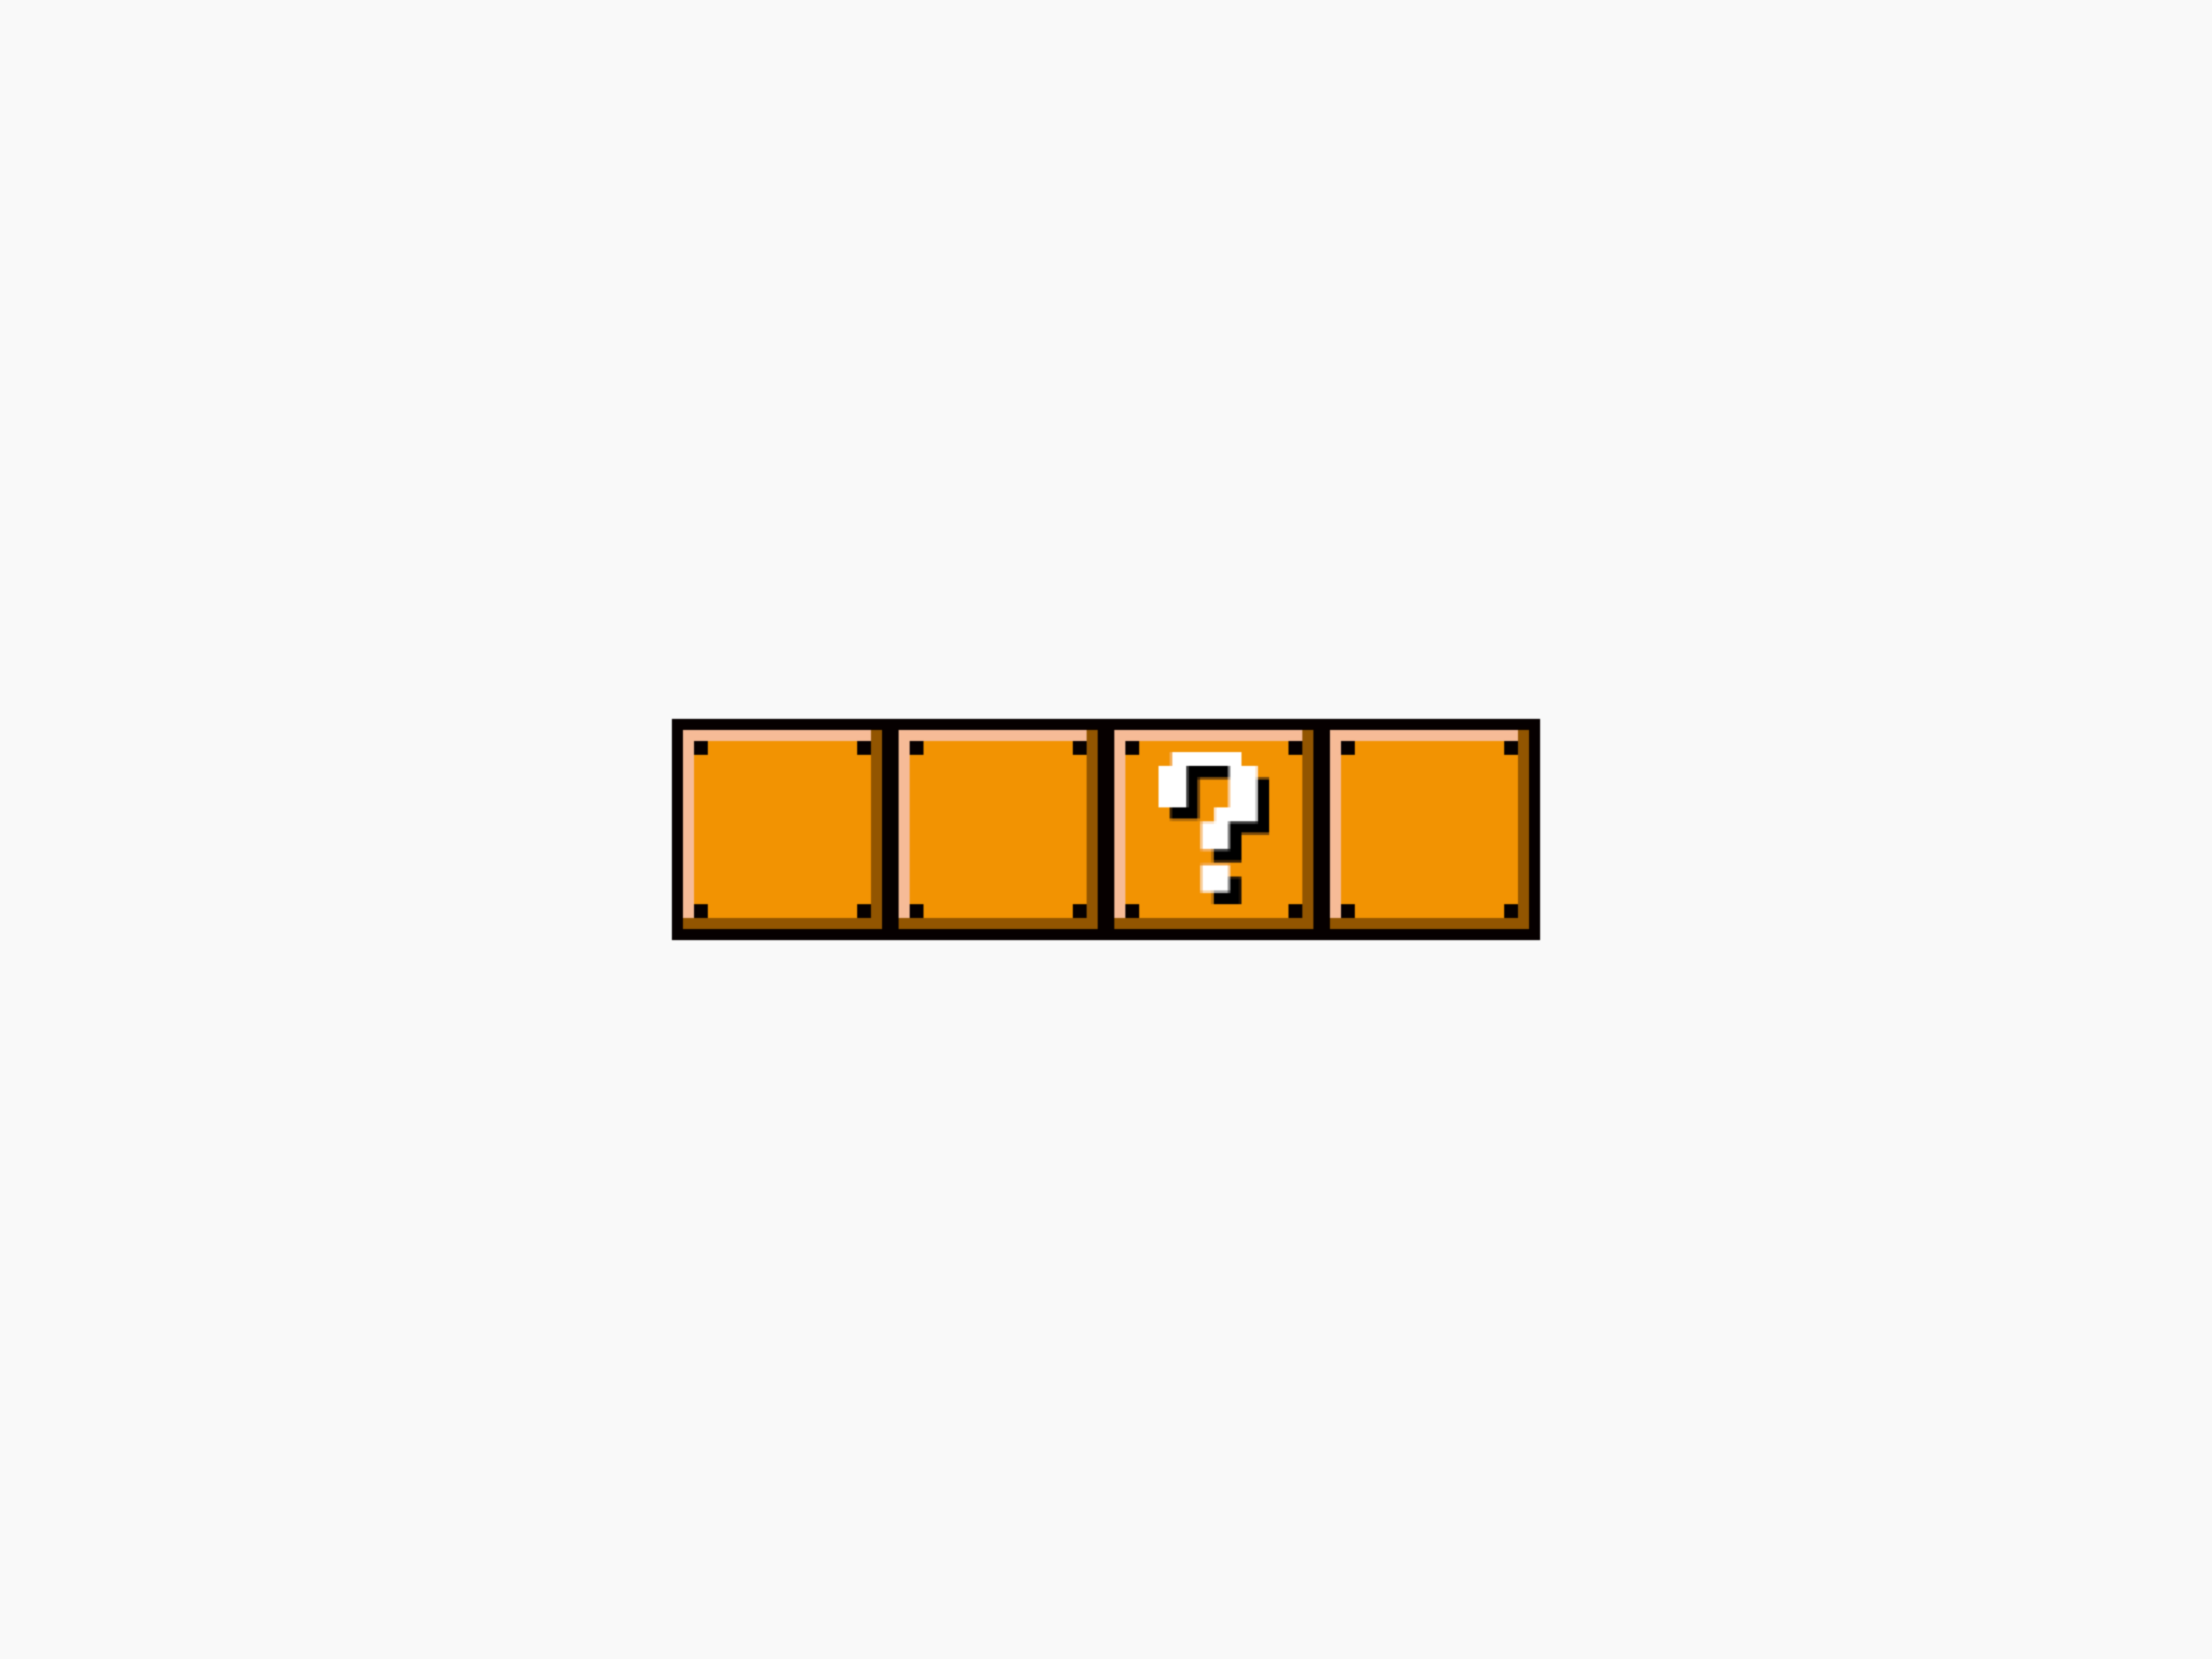 199   super mario blocks